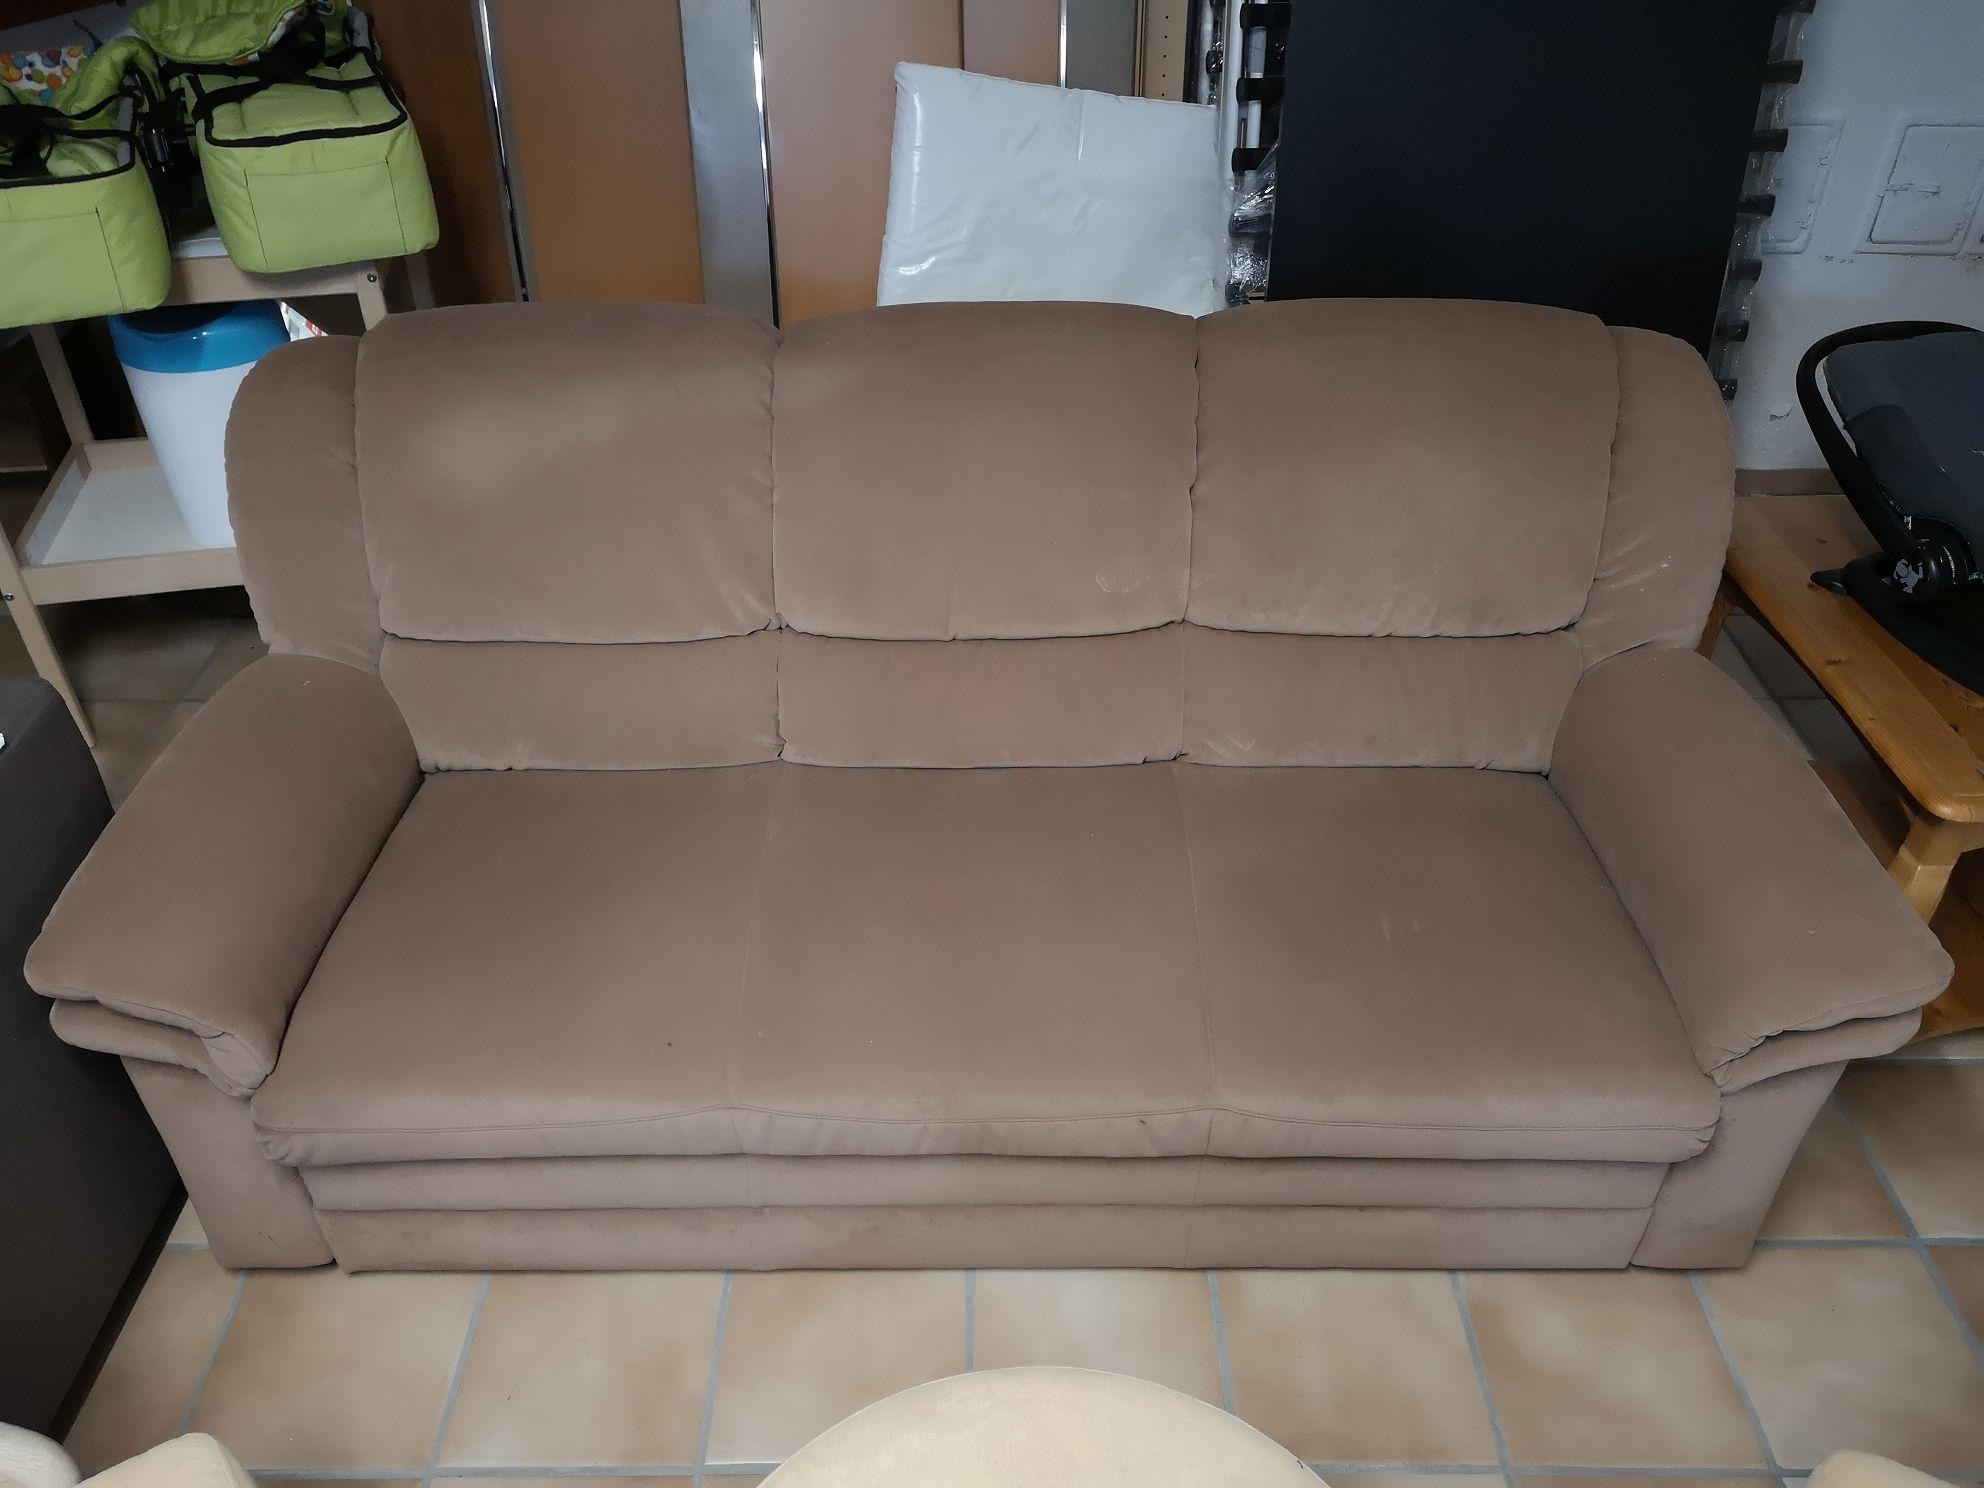 Full Size of Alcantara Sofa Reinigen Leder For Sale Neu Kaufen Dampfreiniger F C Sofascore Onlineshop Hochwertiges 3 Sitzer Günstiges Tom Tailor Big Grau Schlaf Englisch Sofa Alcantara Sofa